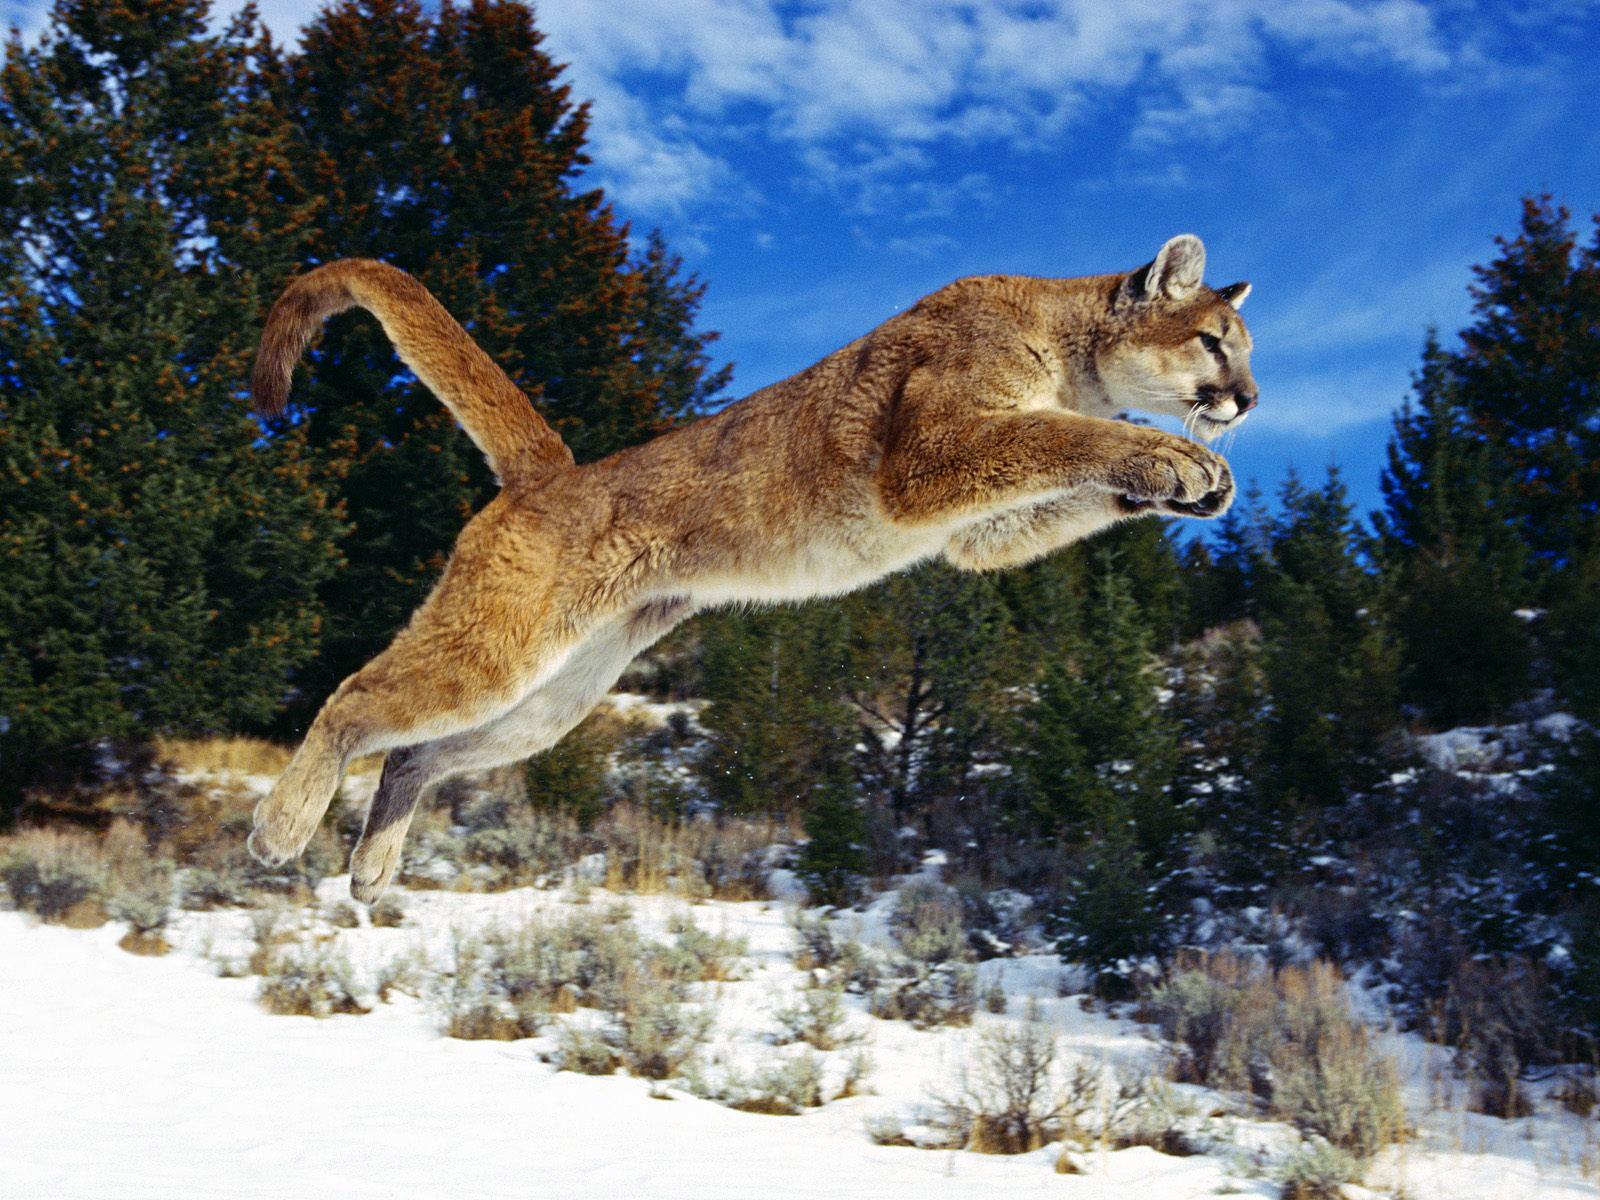 http://2.bp.blogspot.com/-Q5iAi8v_iO0/TnmLukgy1ZI/AAAAAAAAAG0/rcoGMIB6Z2s/s1600/Wildlife%2BAnimals%2BHunting%2BApple%2BPictures.jpg